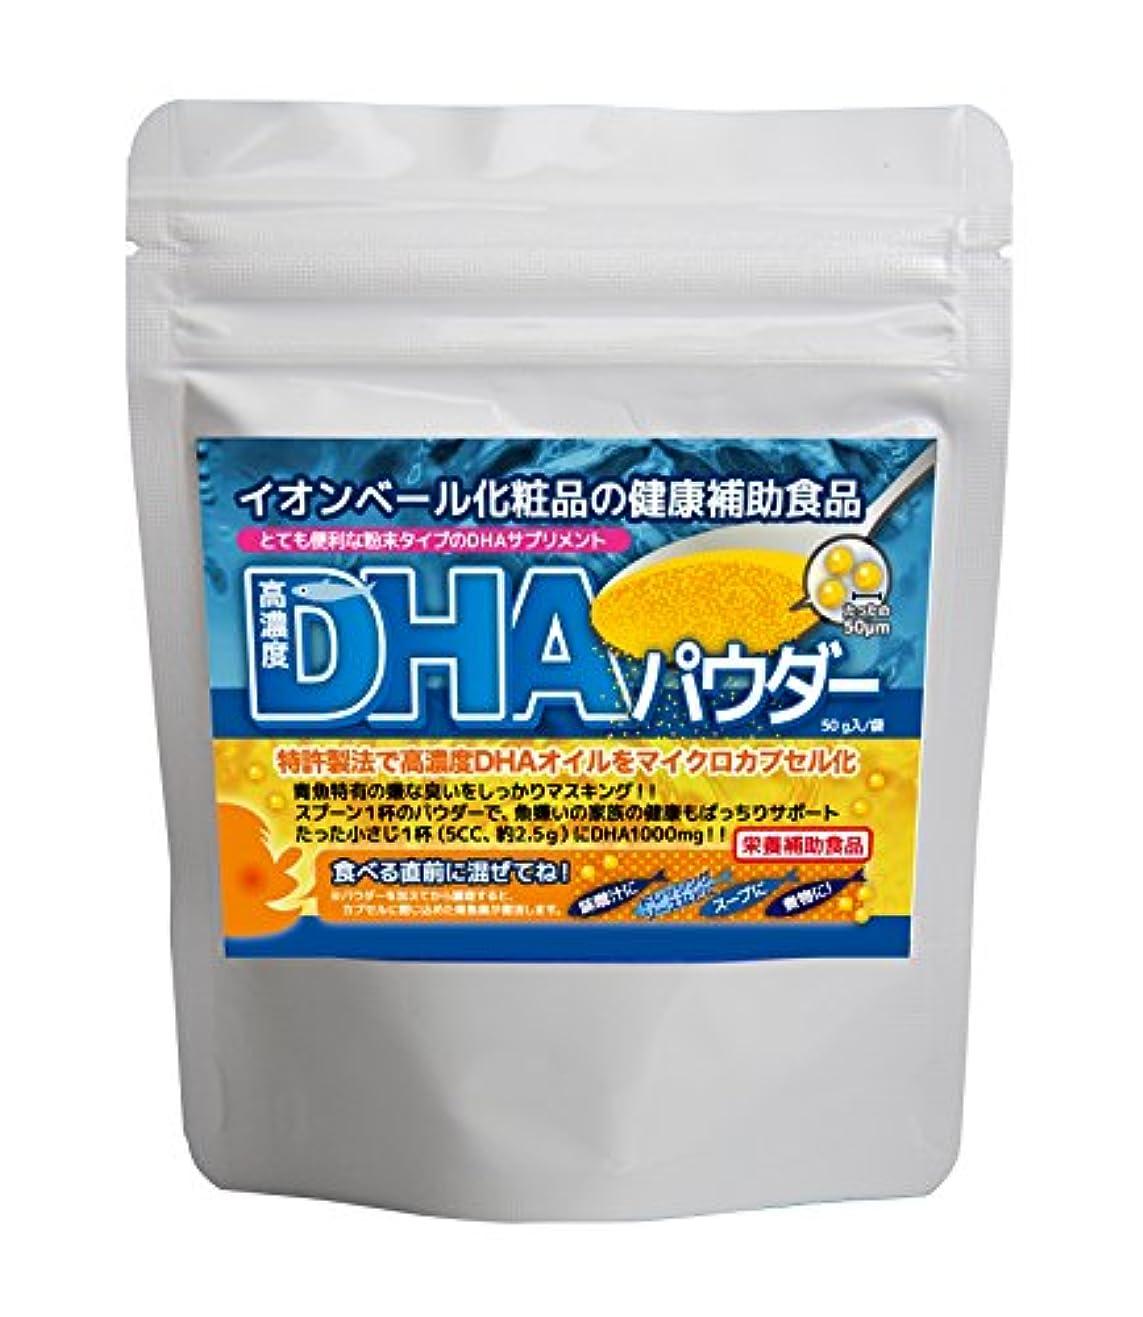 で出来ている公爵レンダリング高濃度DHAパウダー 50g(小さじ1杯でDHAが1000mg)